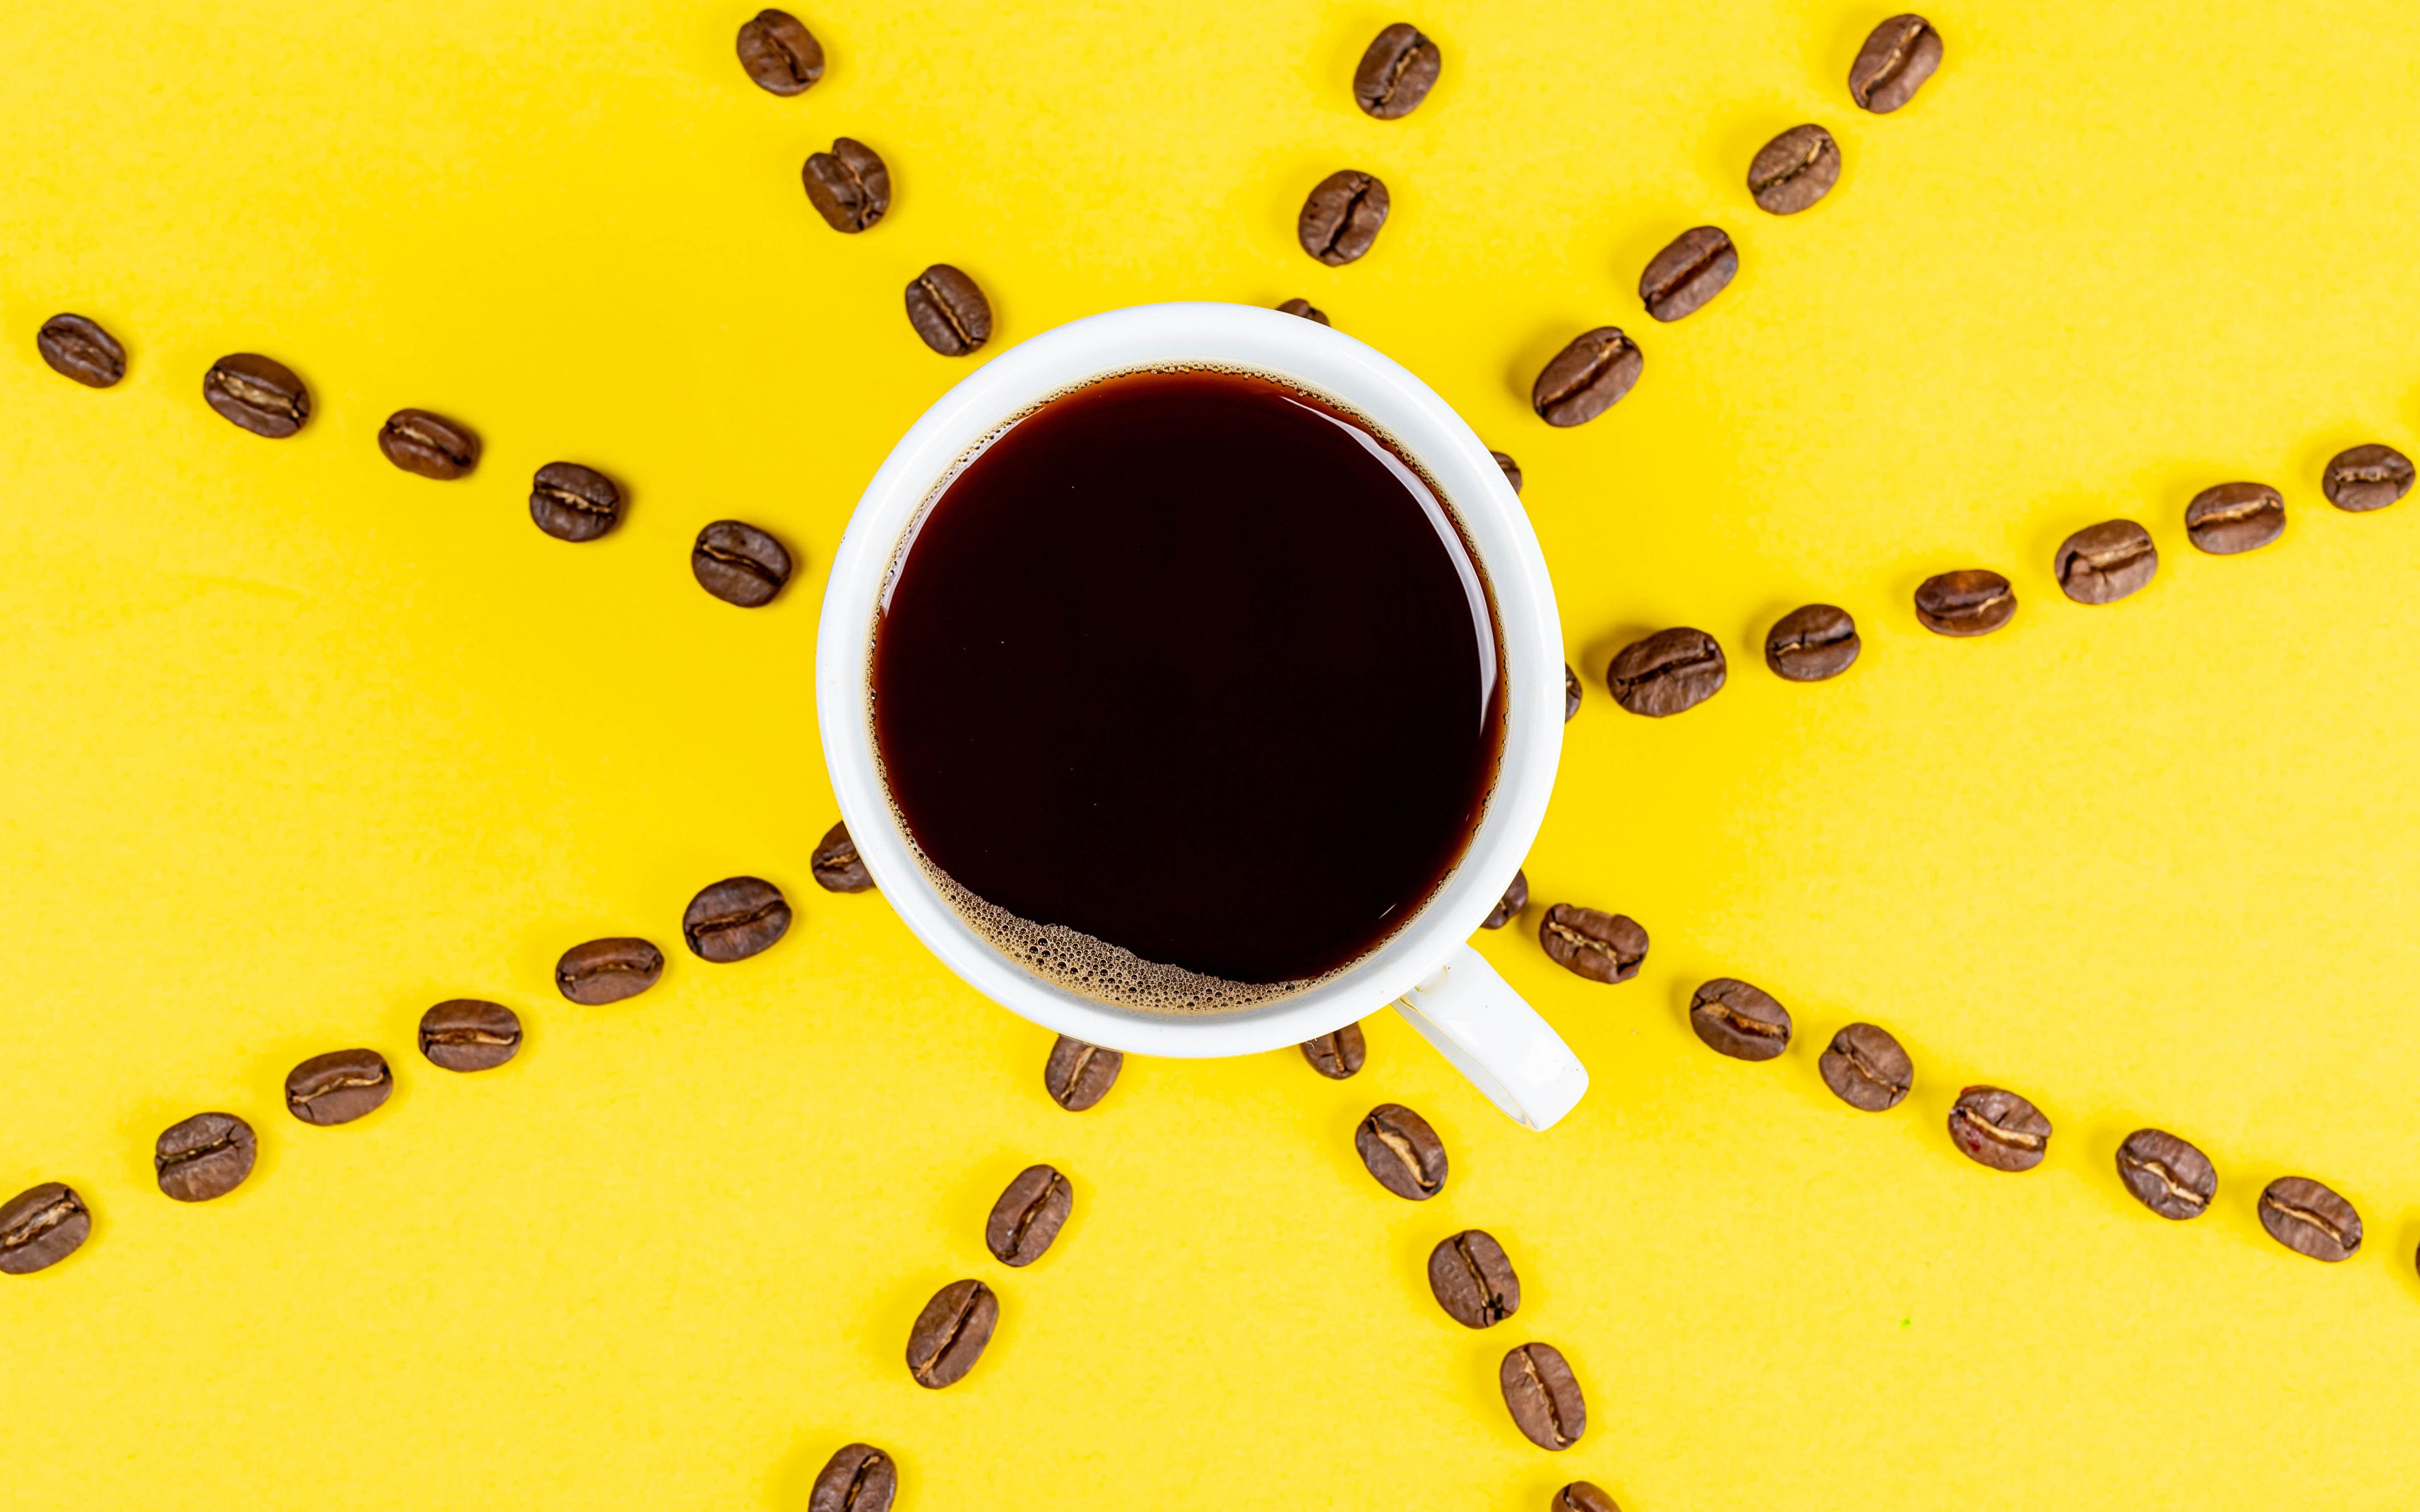 Картинка Кофе Зерна чашке Сверху Продукты питания Цветной фон 3840x2400 зерно Еда Пища Чашка